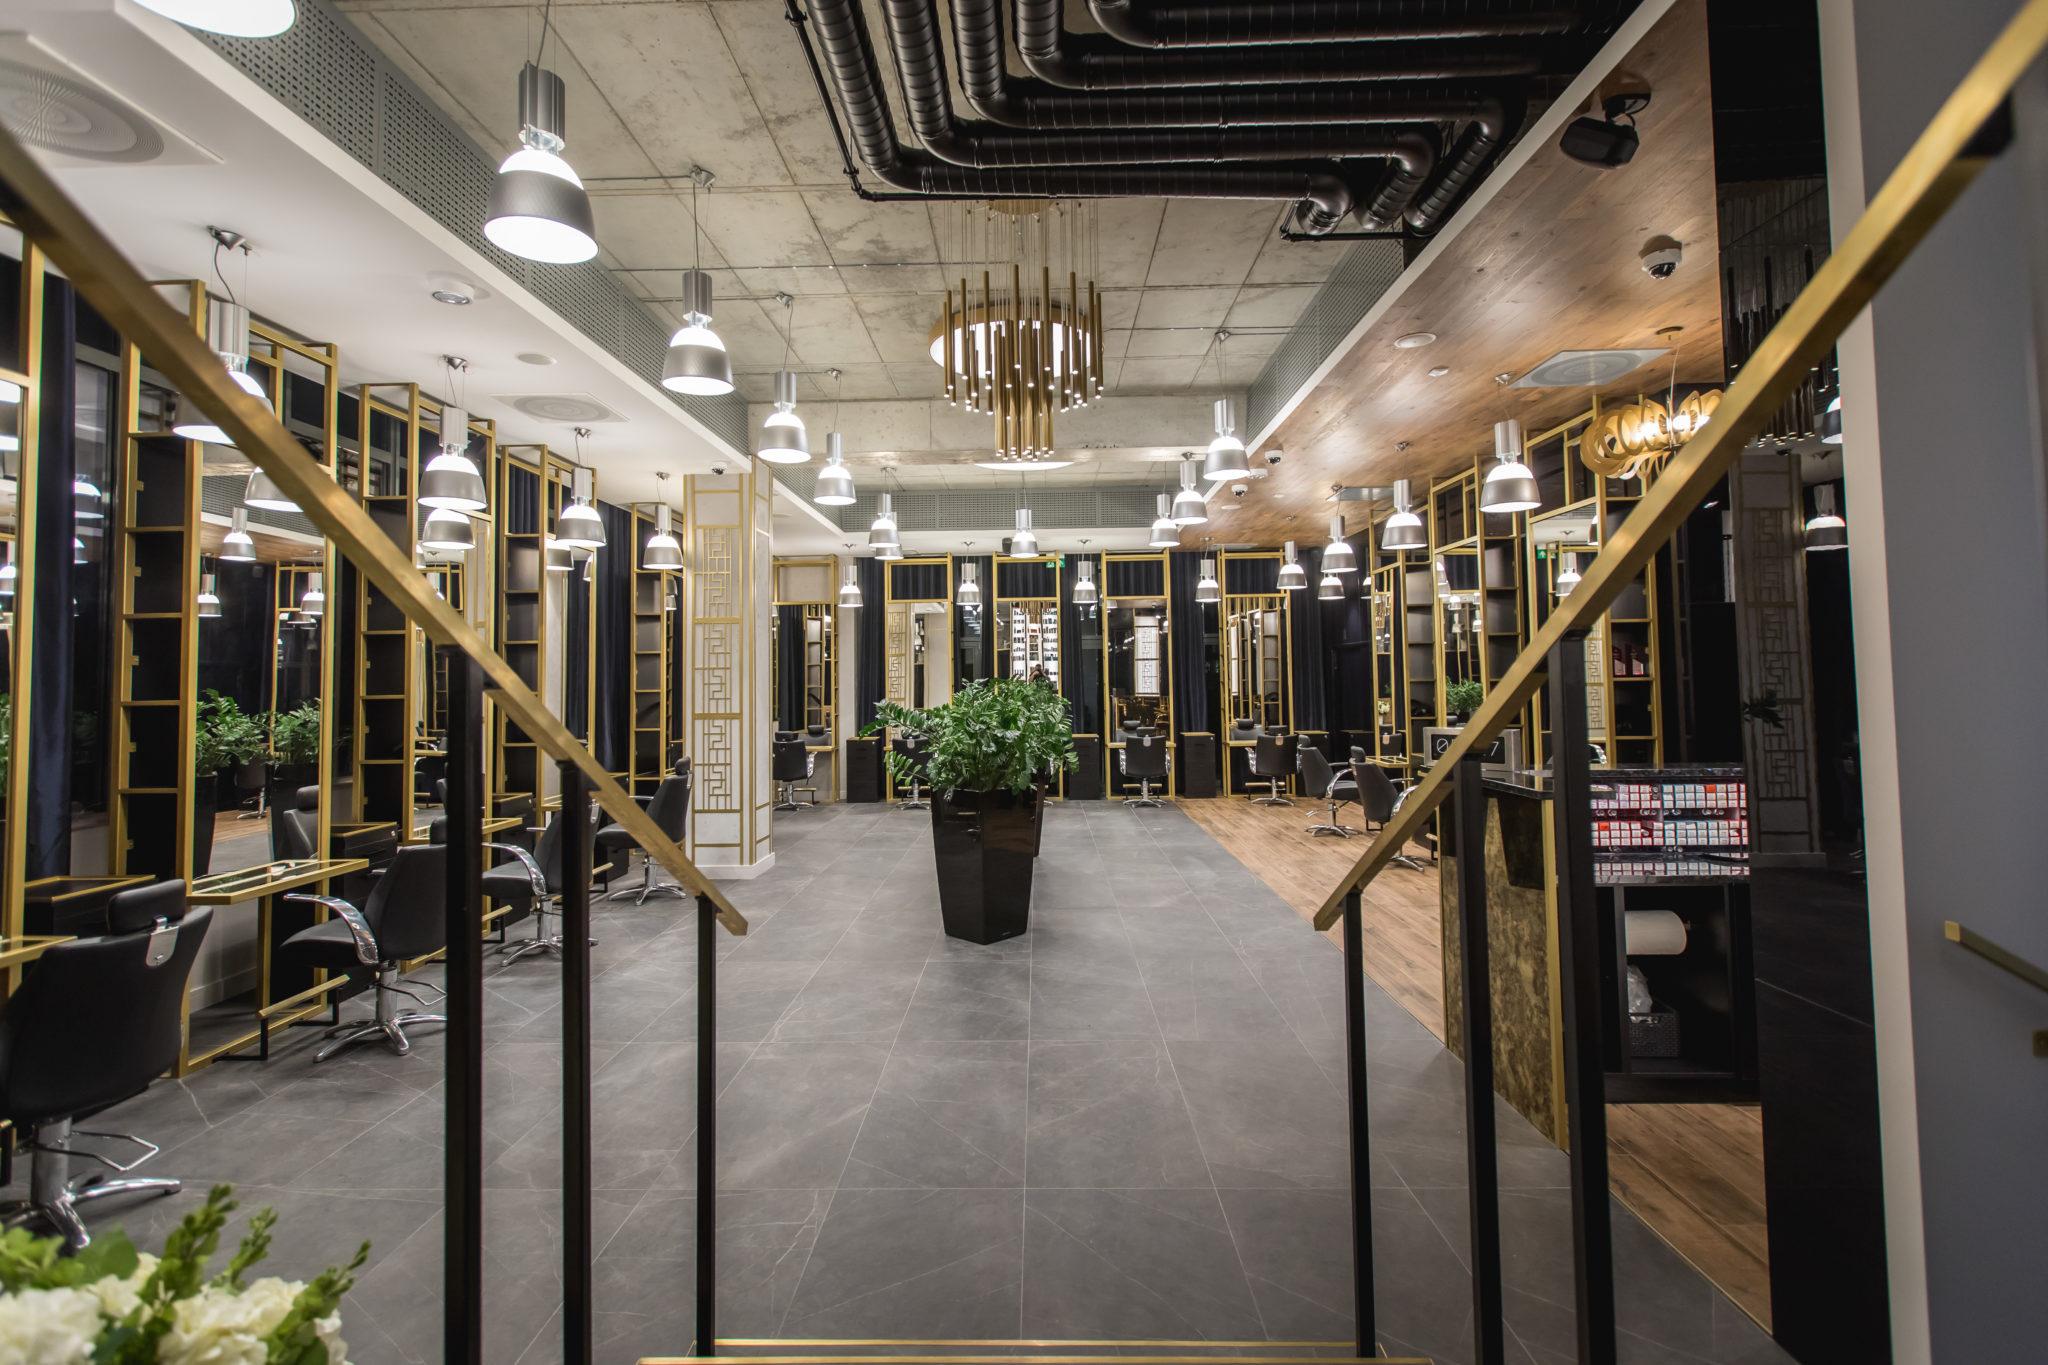 fedoryszyn studio, wyposażenie salonu fryzjerskiego